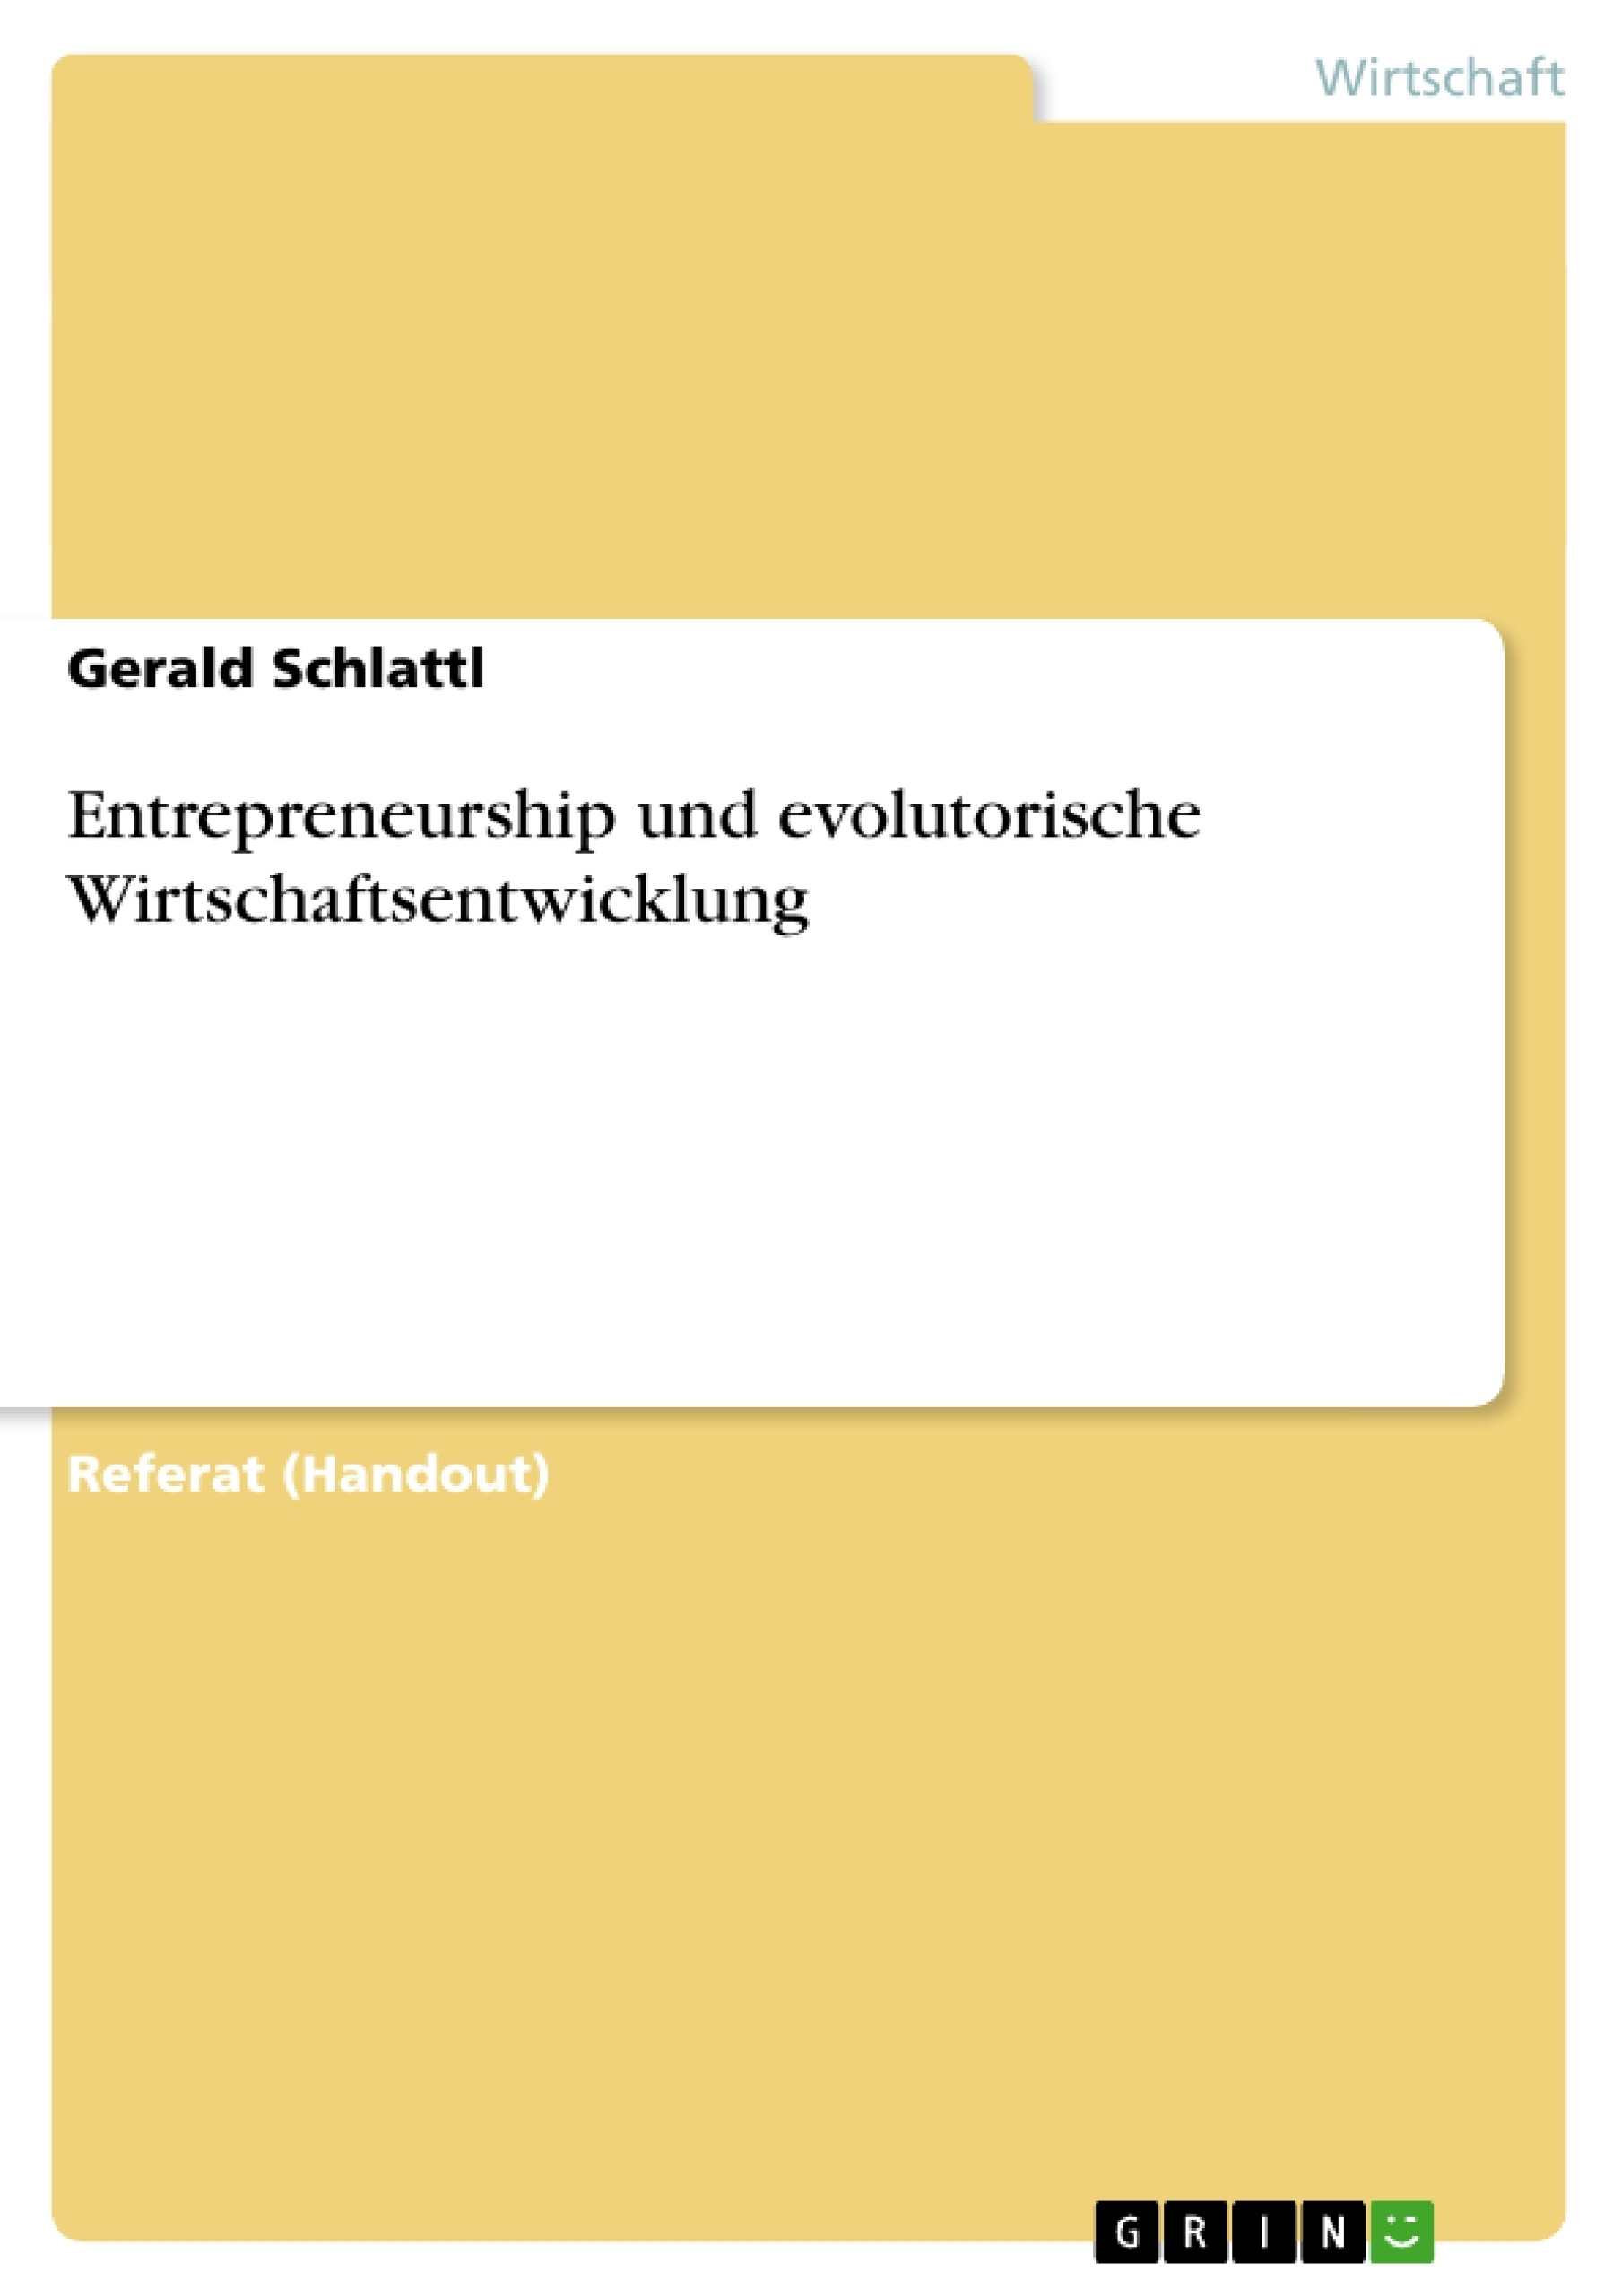 Titel: Entrepreneurship und evolutorische Wirtschaftsentwicklung